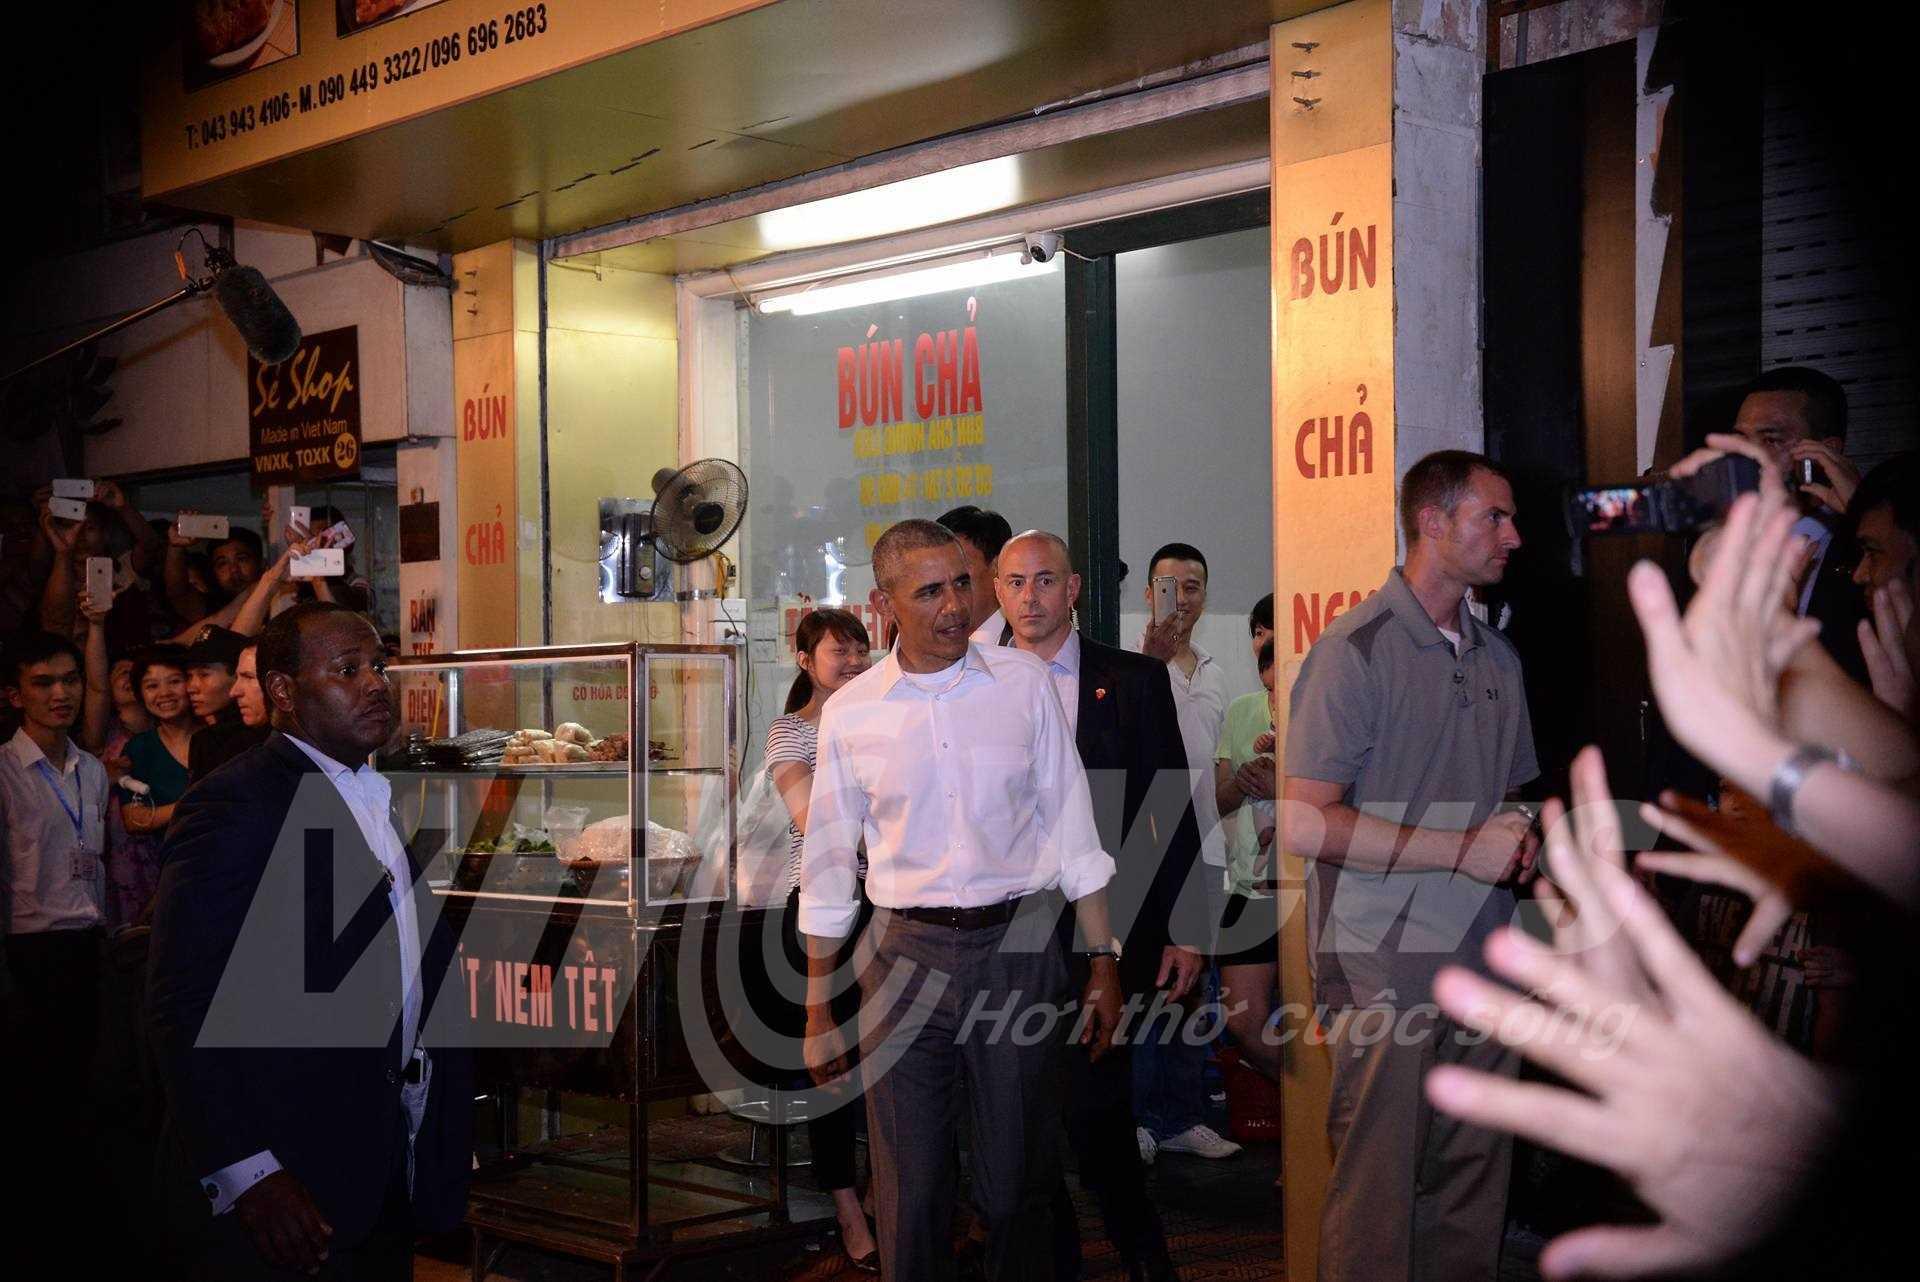 Khoảng 21h cùng ngày, ông Obama ra khỏi quán bún chả lên xe rời đi. Kết thúc một ngày bận rộn đầu tiên tại Hà Nội (Ảnh: Tùng Đinh)